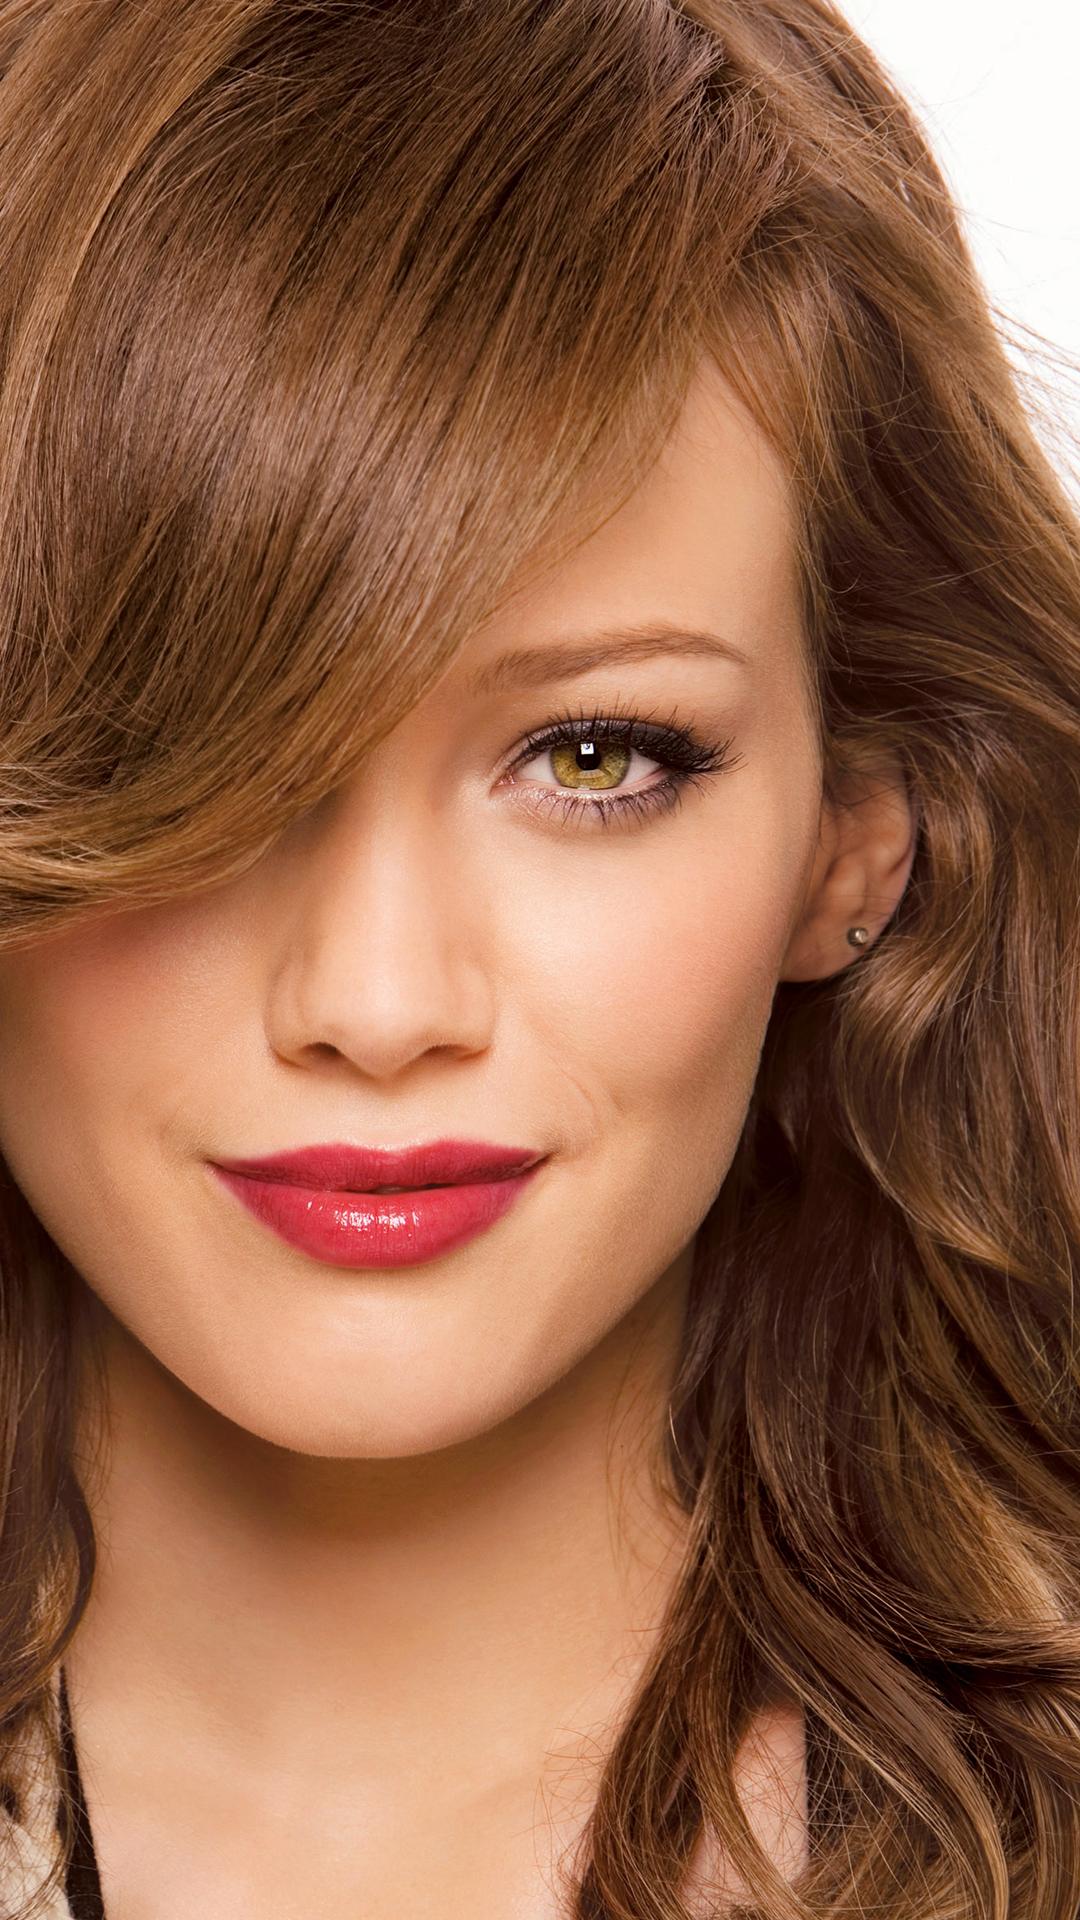 Cute Hilary Duff